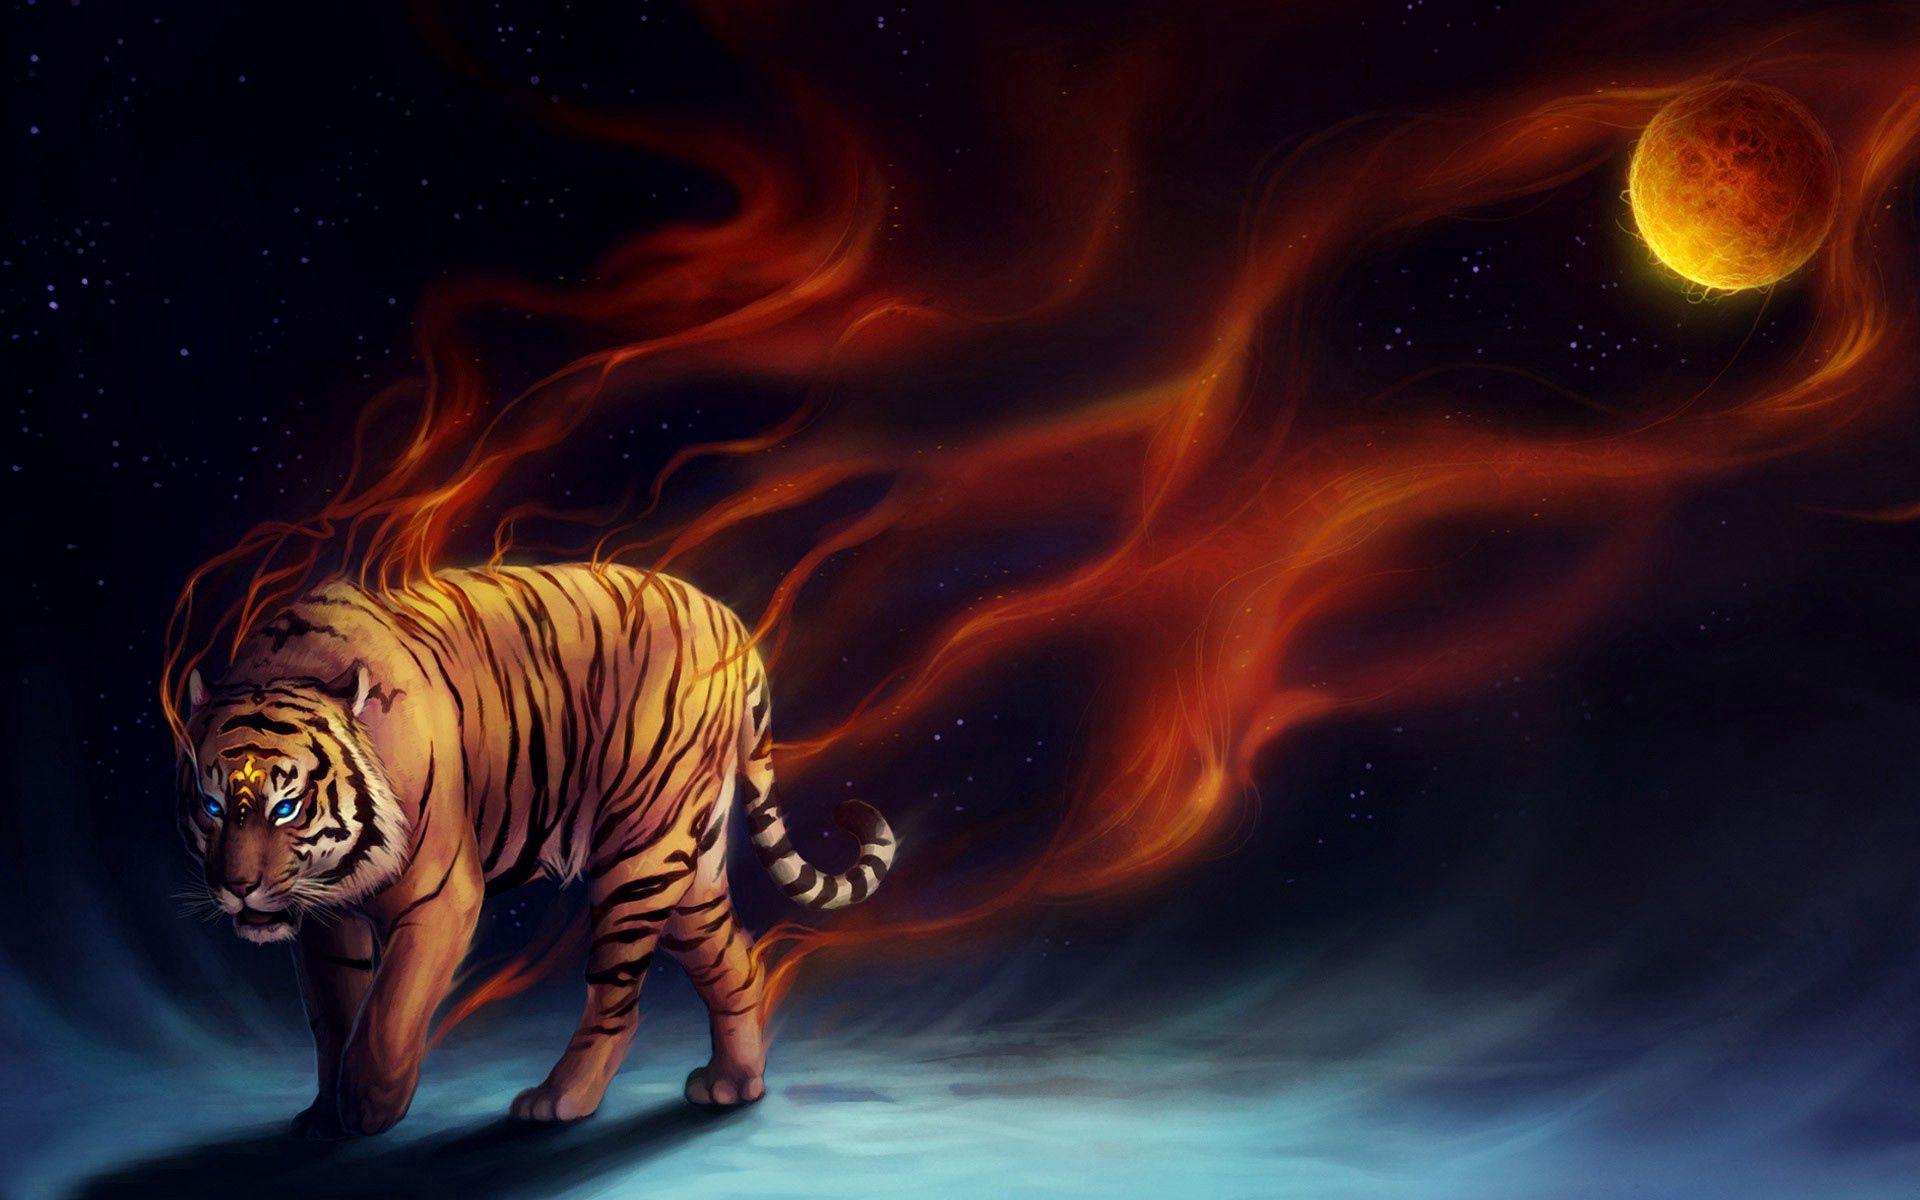 147555 免費下載壁紙 抽象, 老虎, 虎, 月球, 艺术 屏保和圖片